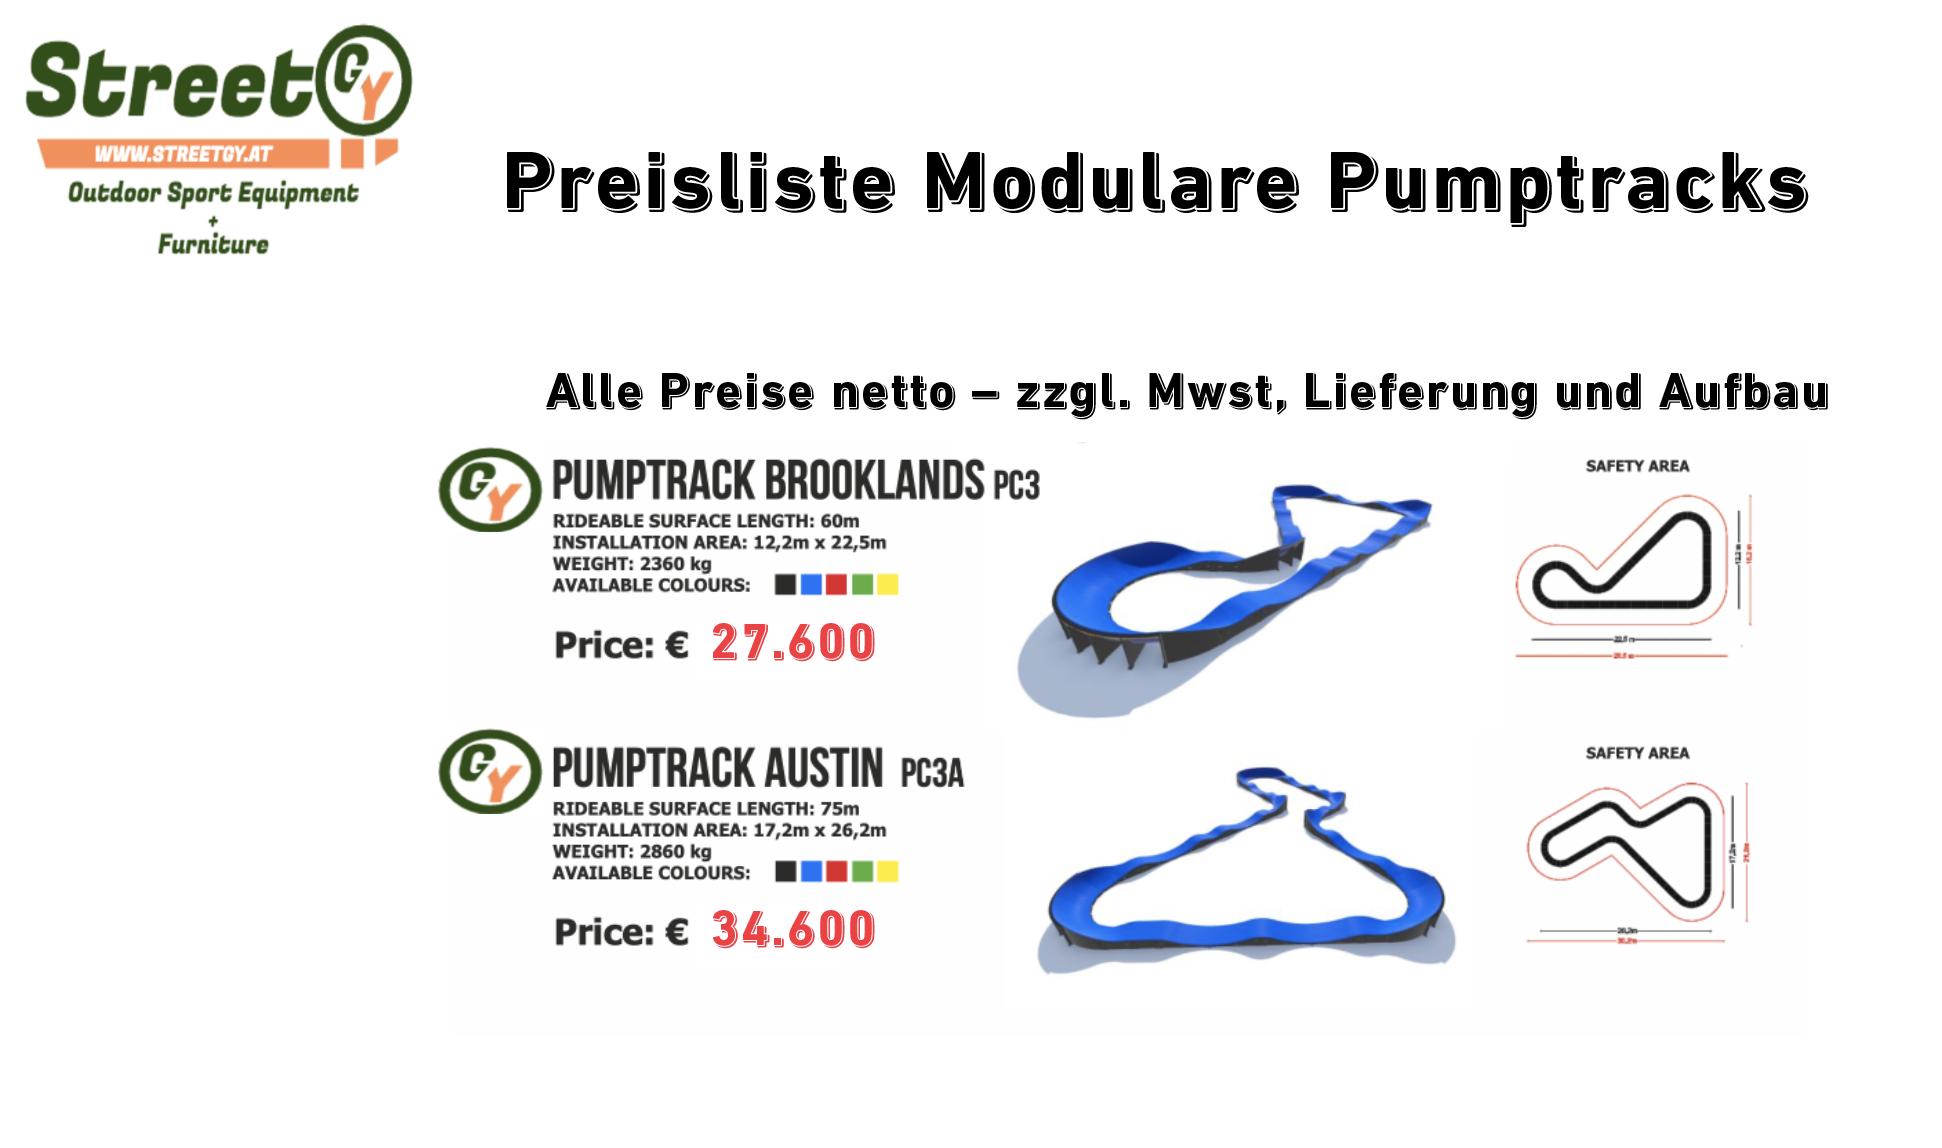 ❤️ Preisliste für Modulare Pumptracks. ❤️ ➡️ Hier finden Sie alle Informationen zu: Pumptrack Preis, Pumptrack kosten und Förderungen für Pumptracks Teil 3